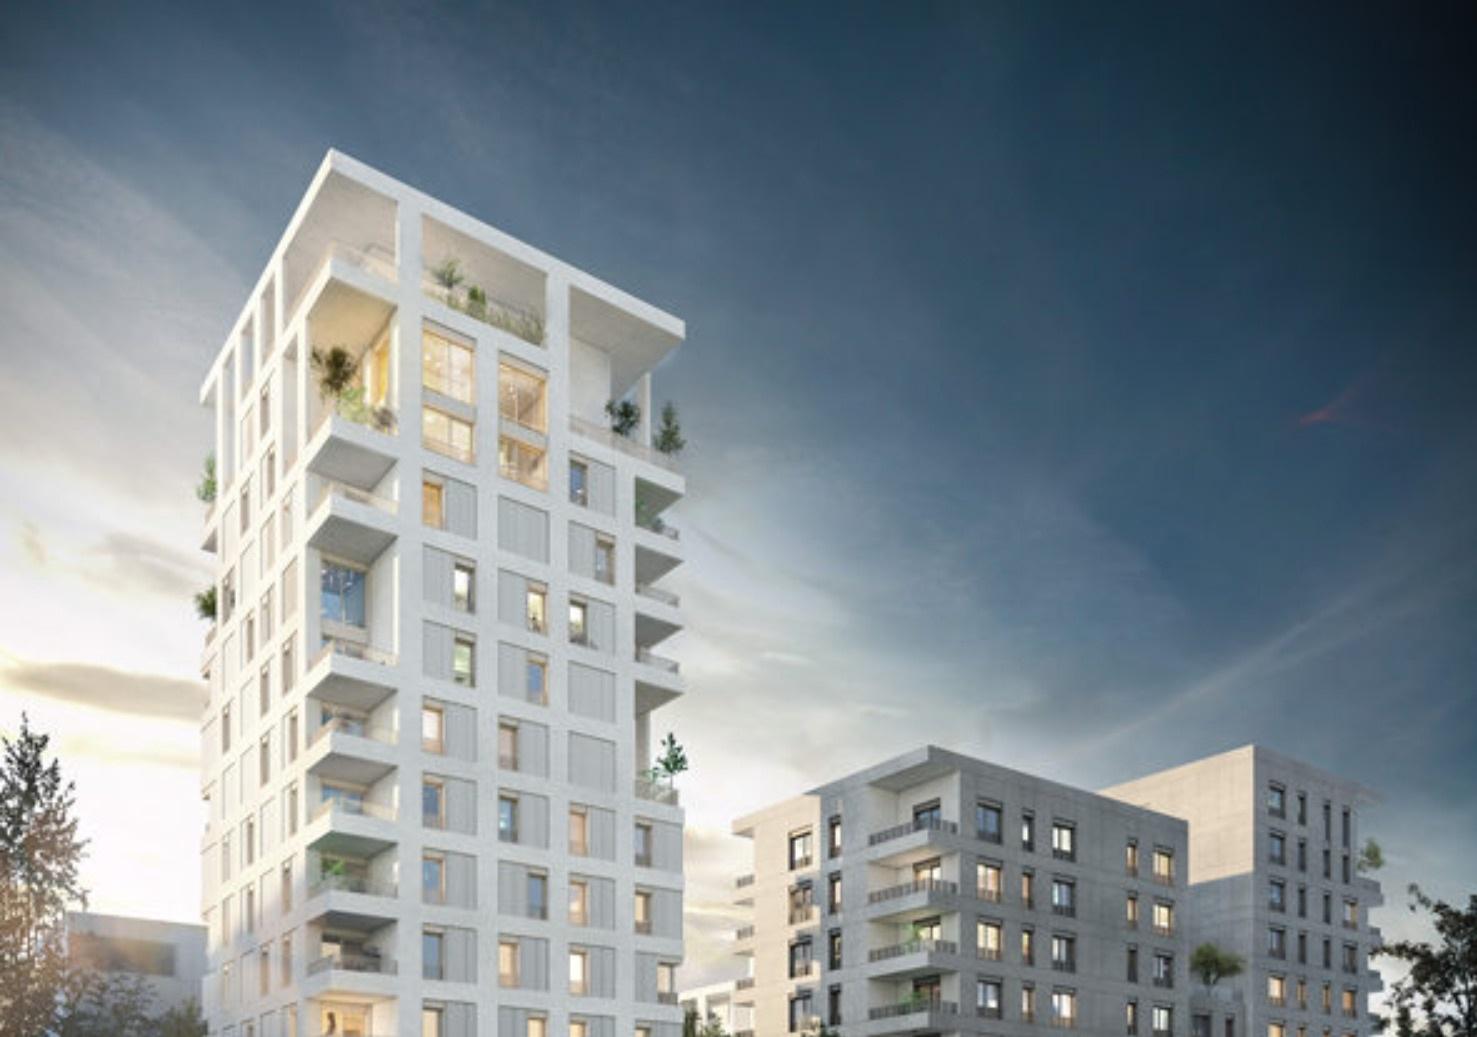 Programme immobilier Lyon 8ème (69008)  ALT6